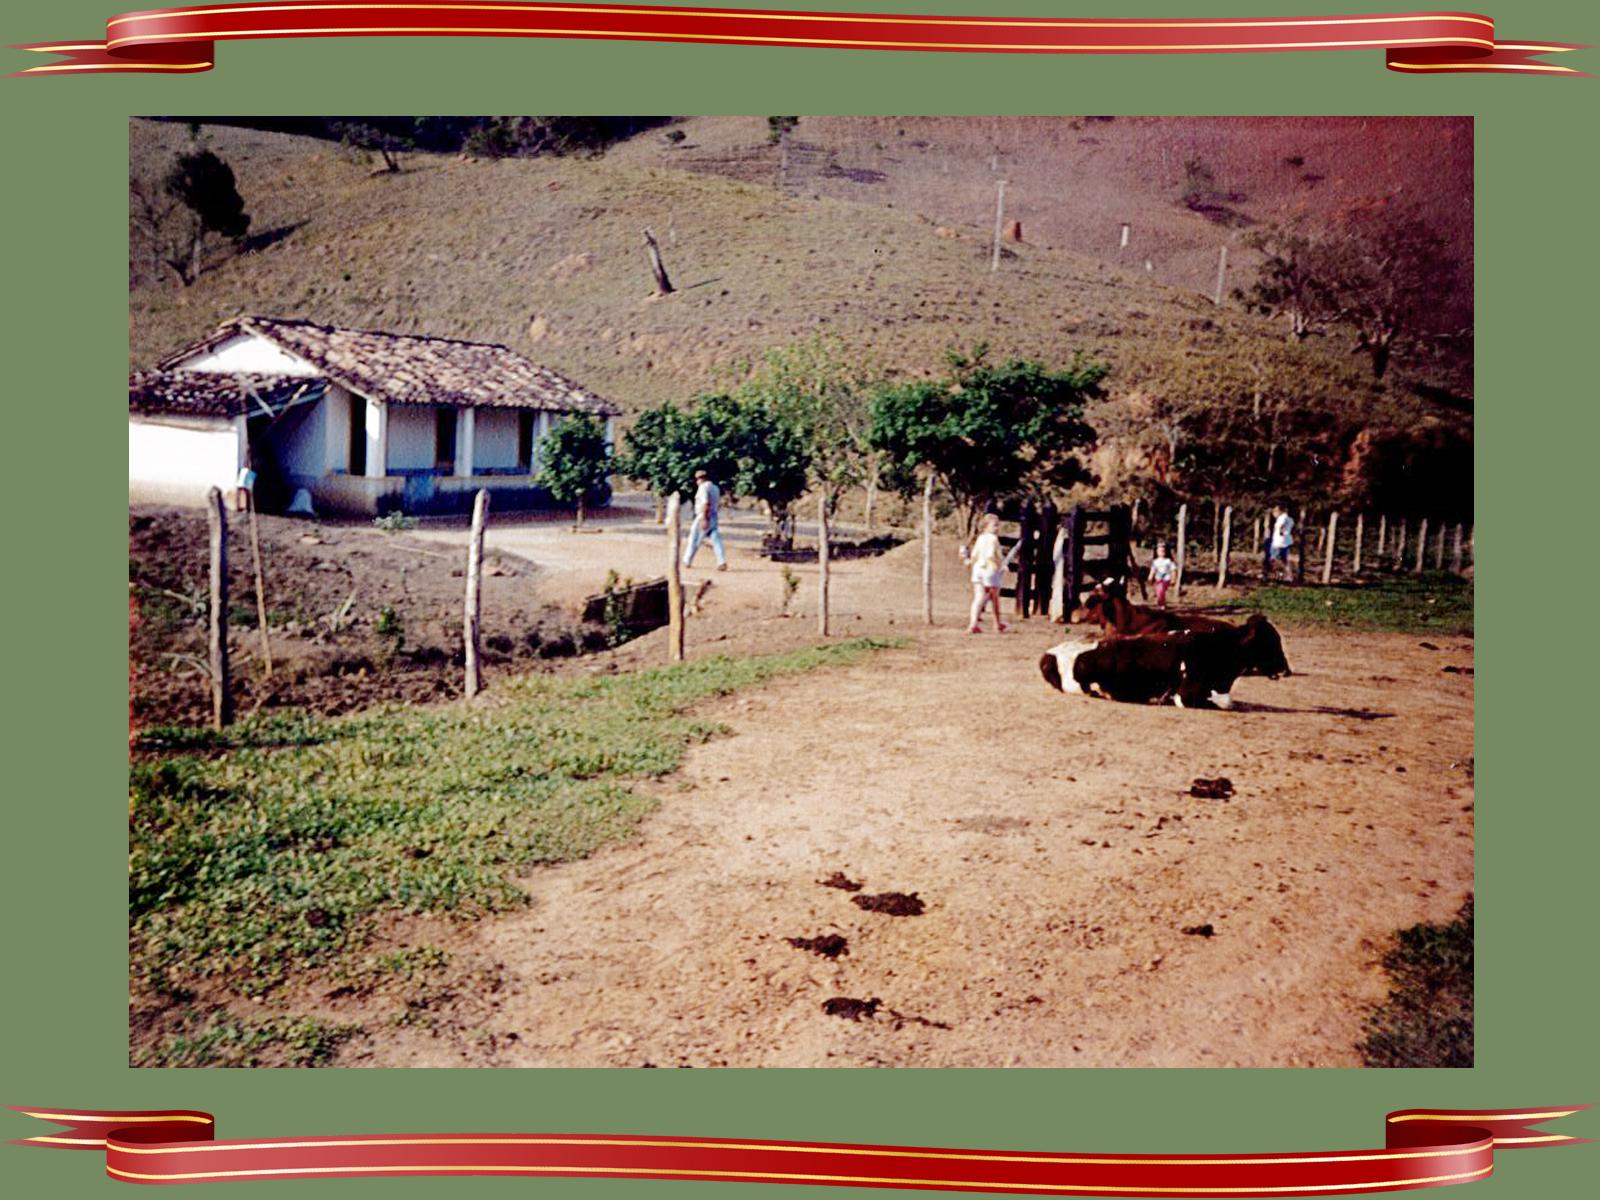 O Natal é celebrado na simplicidade e no amor entre as pessoas (5)